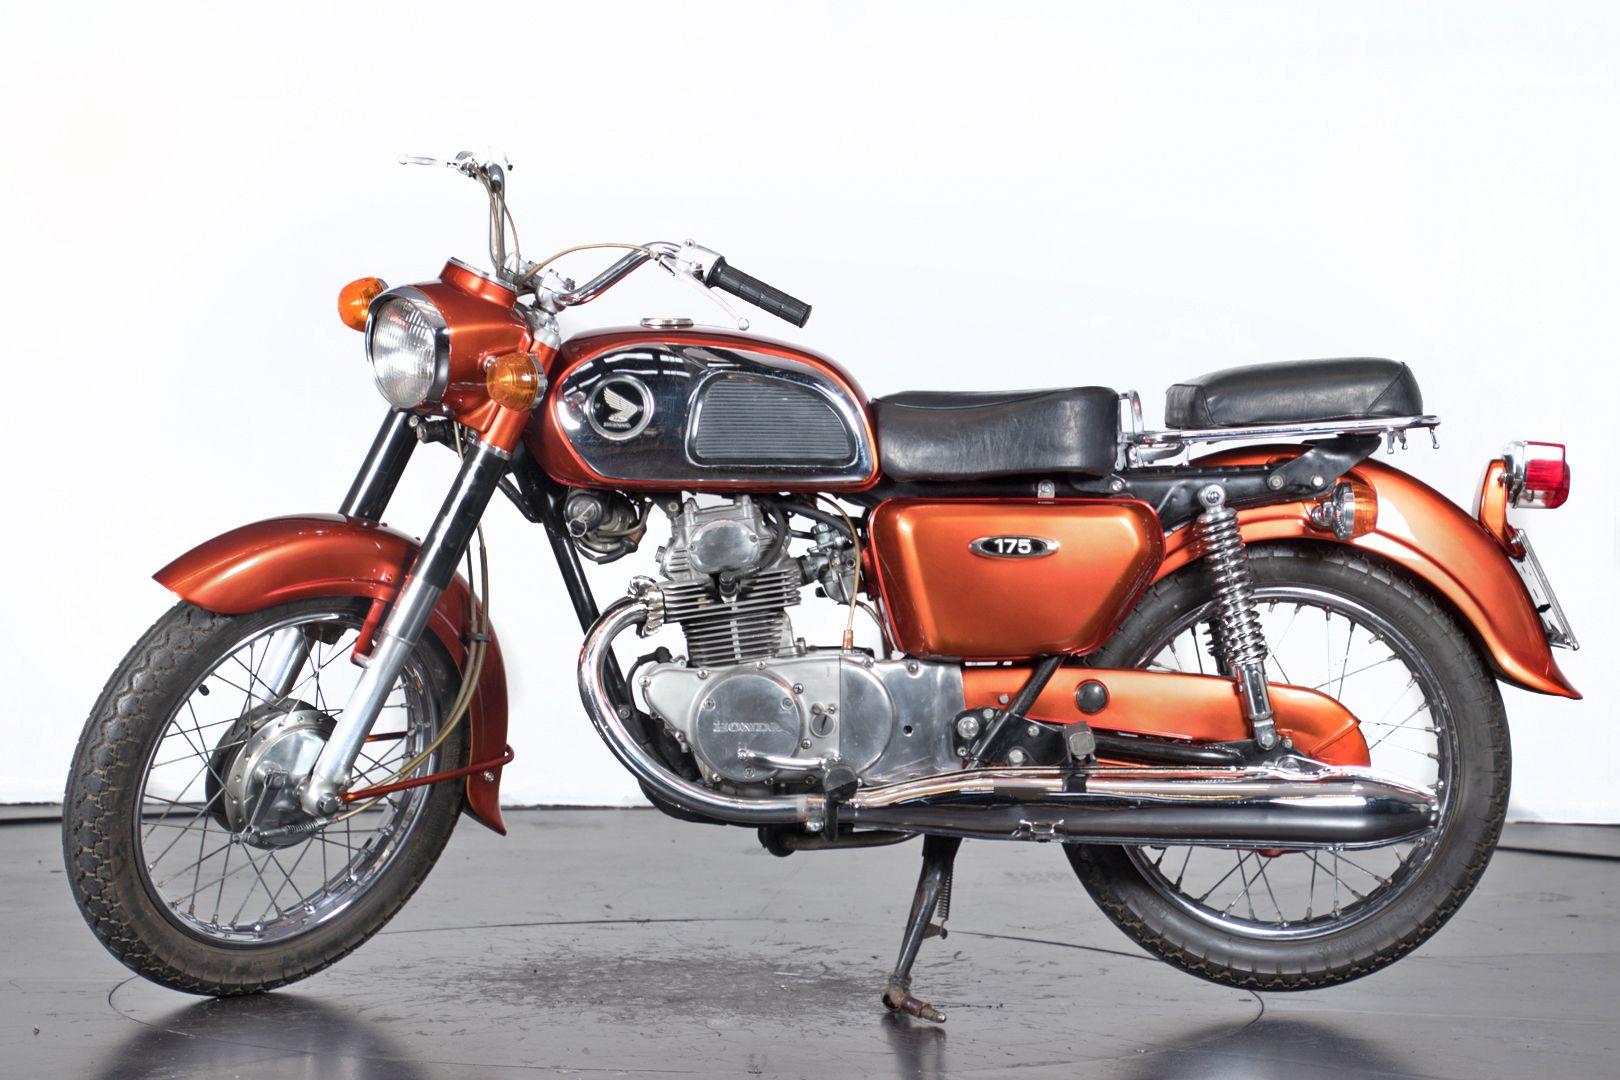 1970 Honda CD 175 36659